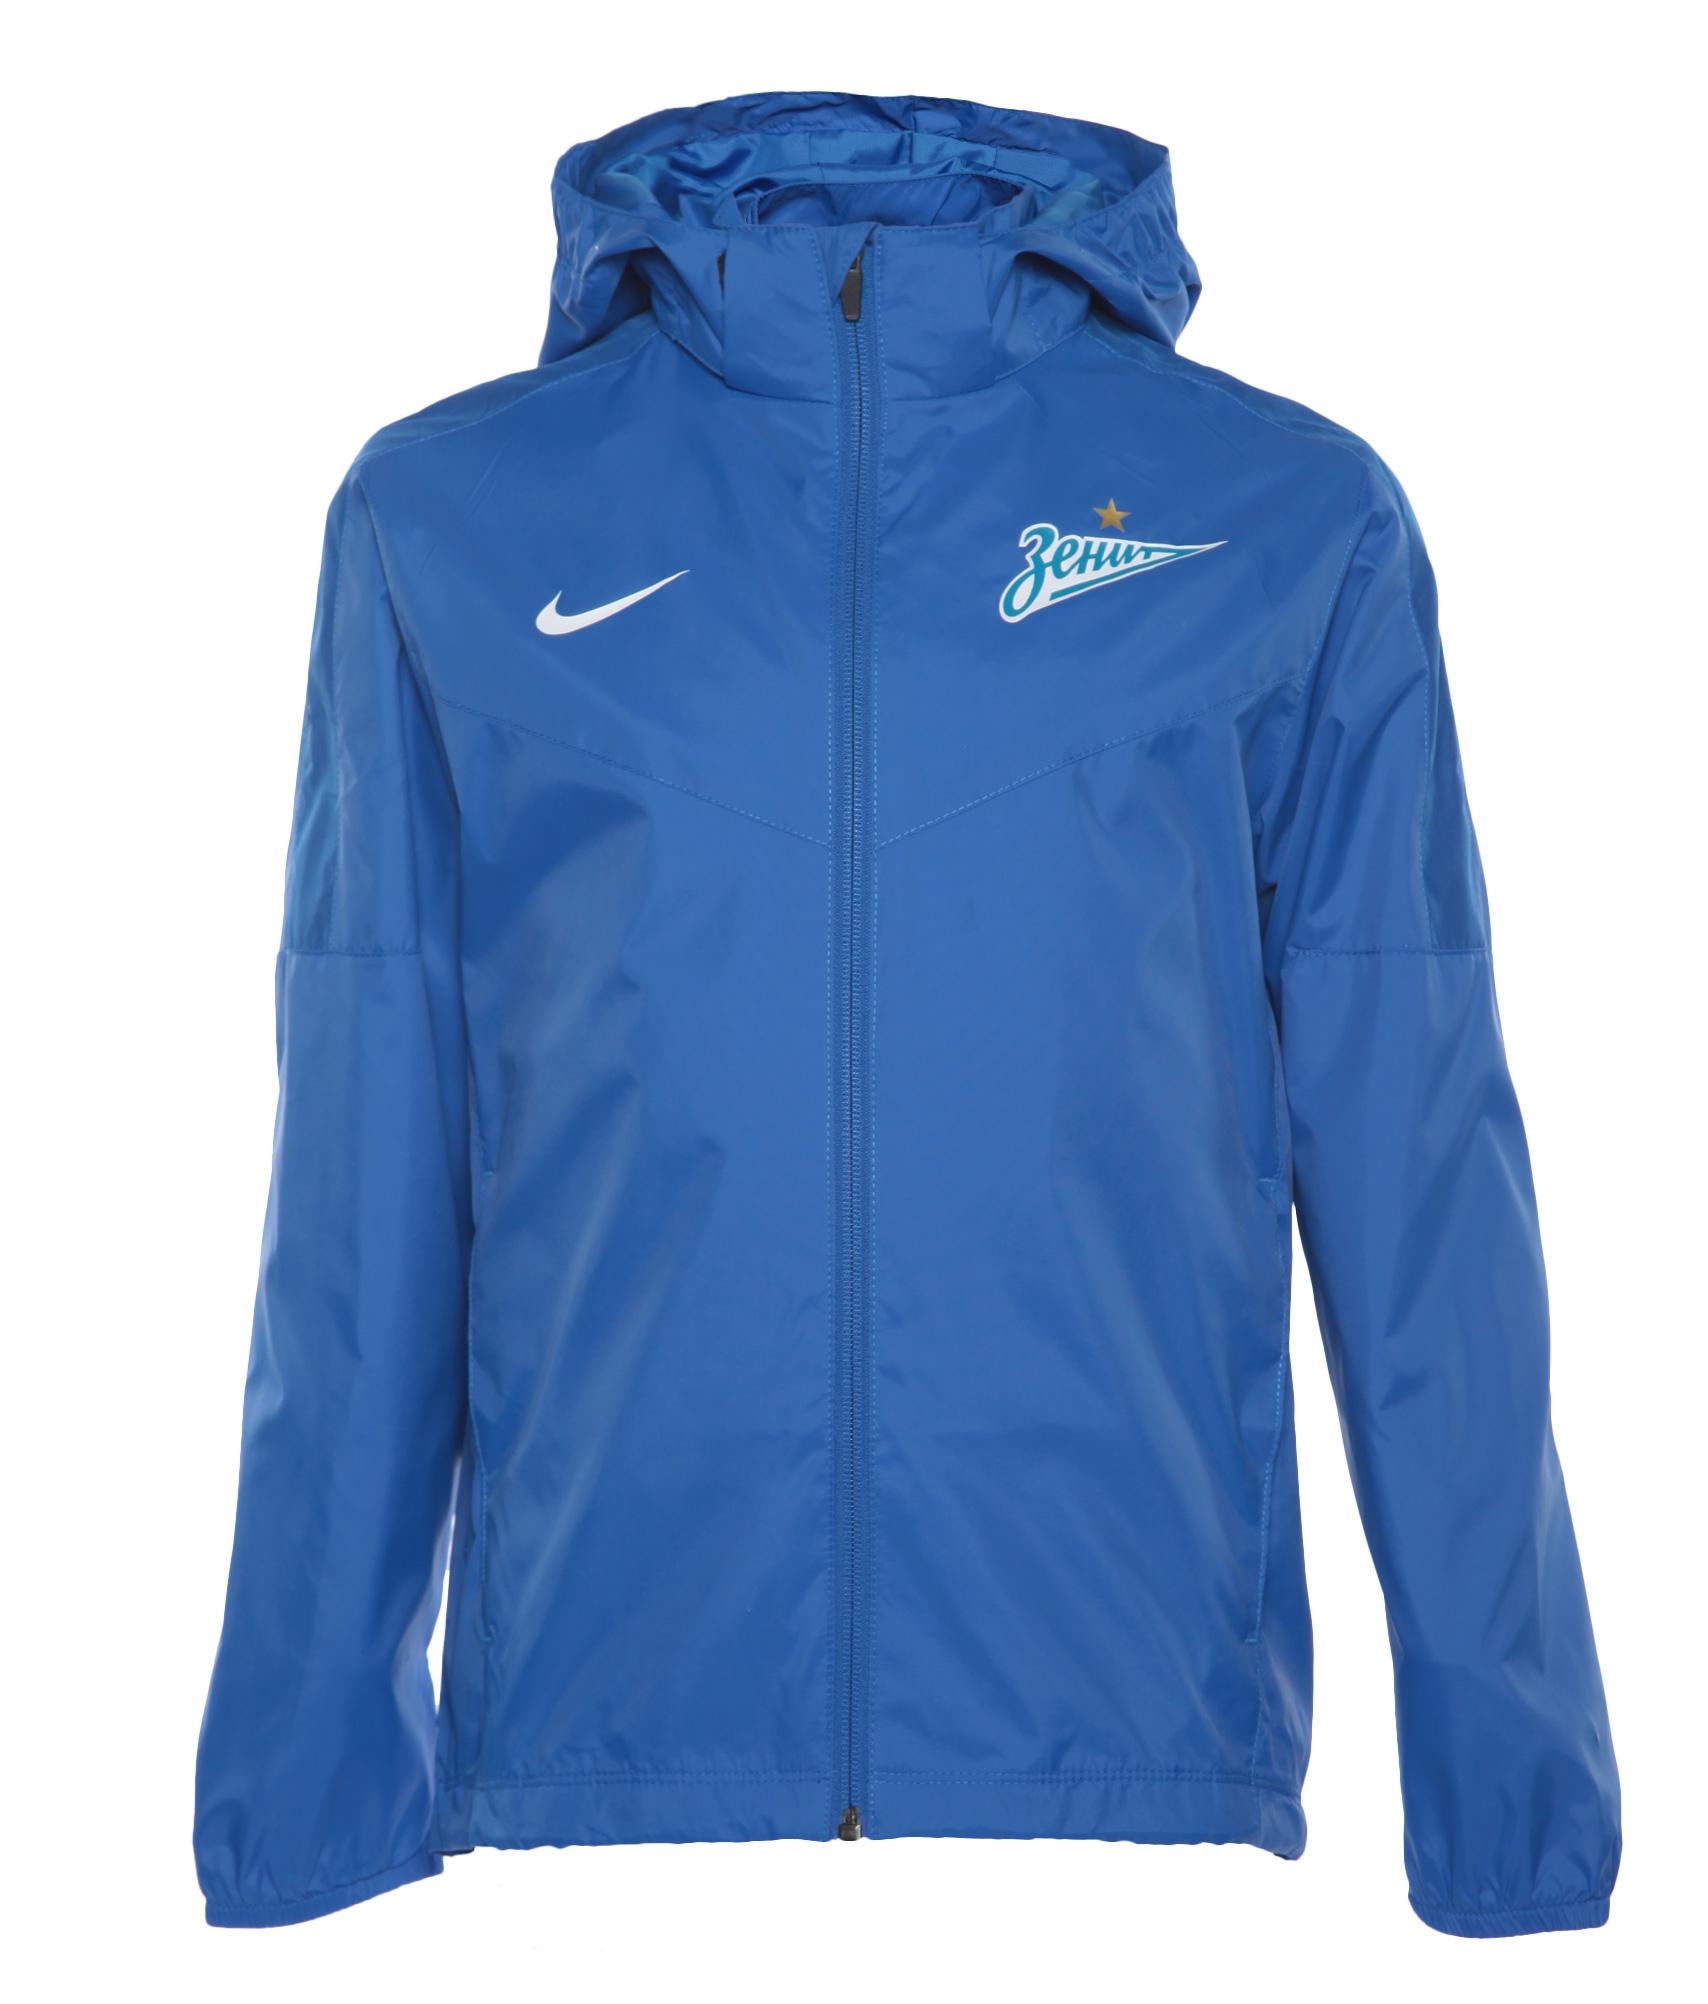 Ветровка подростковая Nike, Цвет-Синий, Размер-XL найк борзов найк борзов избранное ii